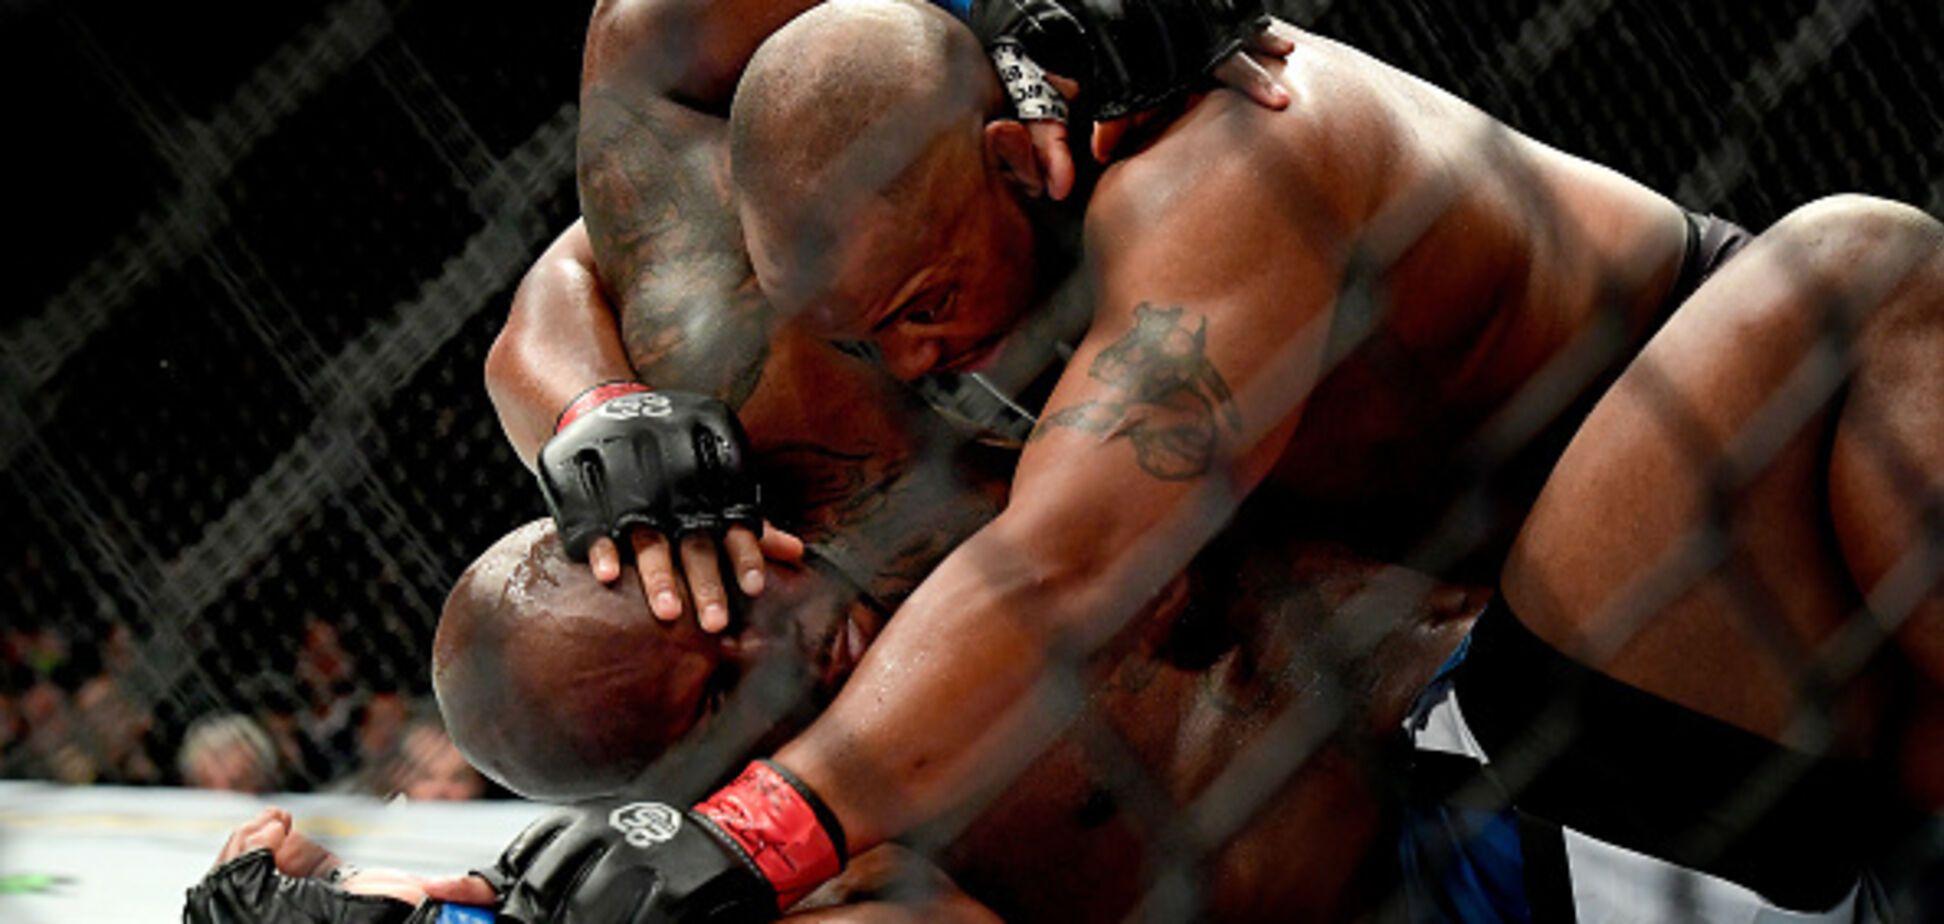 Чемпион UFC задушил соперника в историческом бою - видеофакт